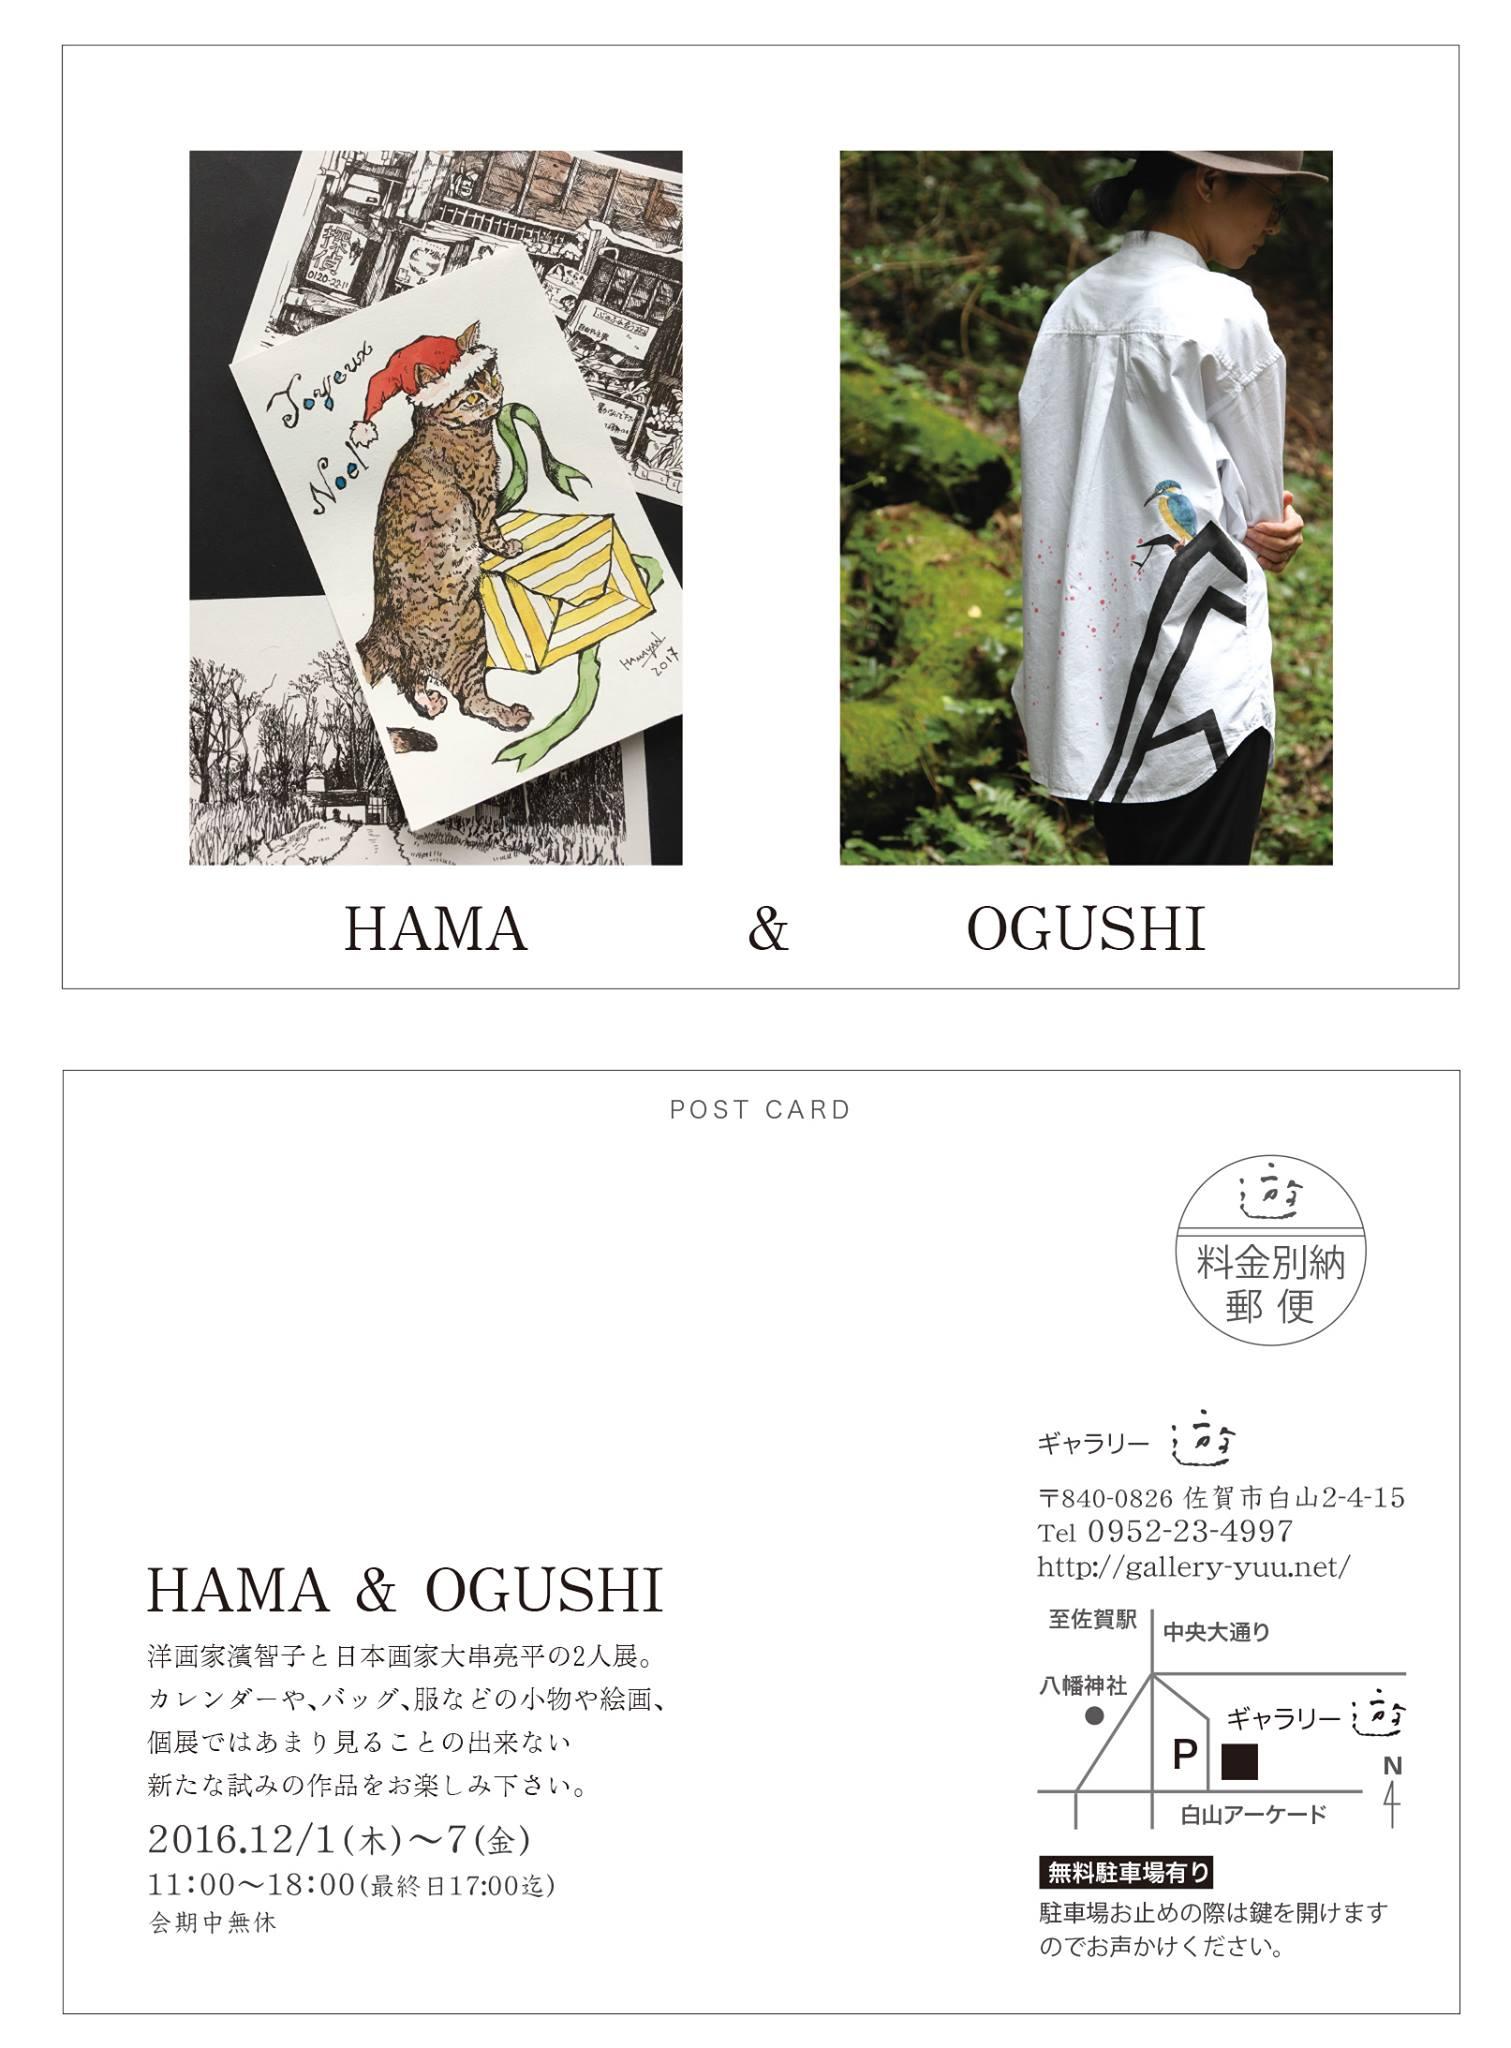 HAMA & OGUSHI